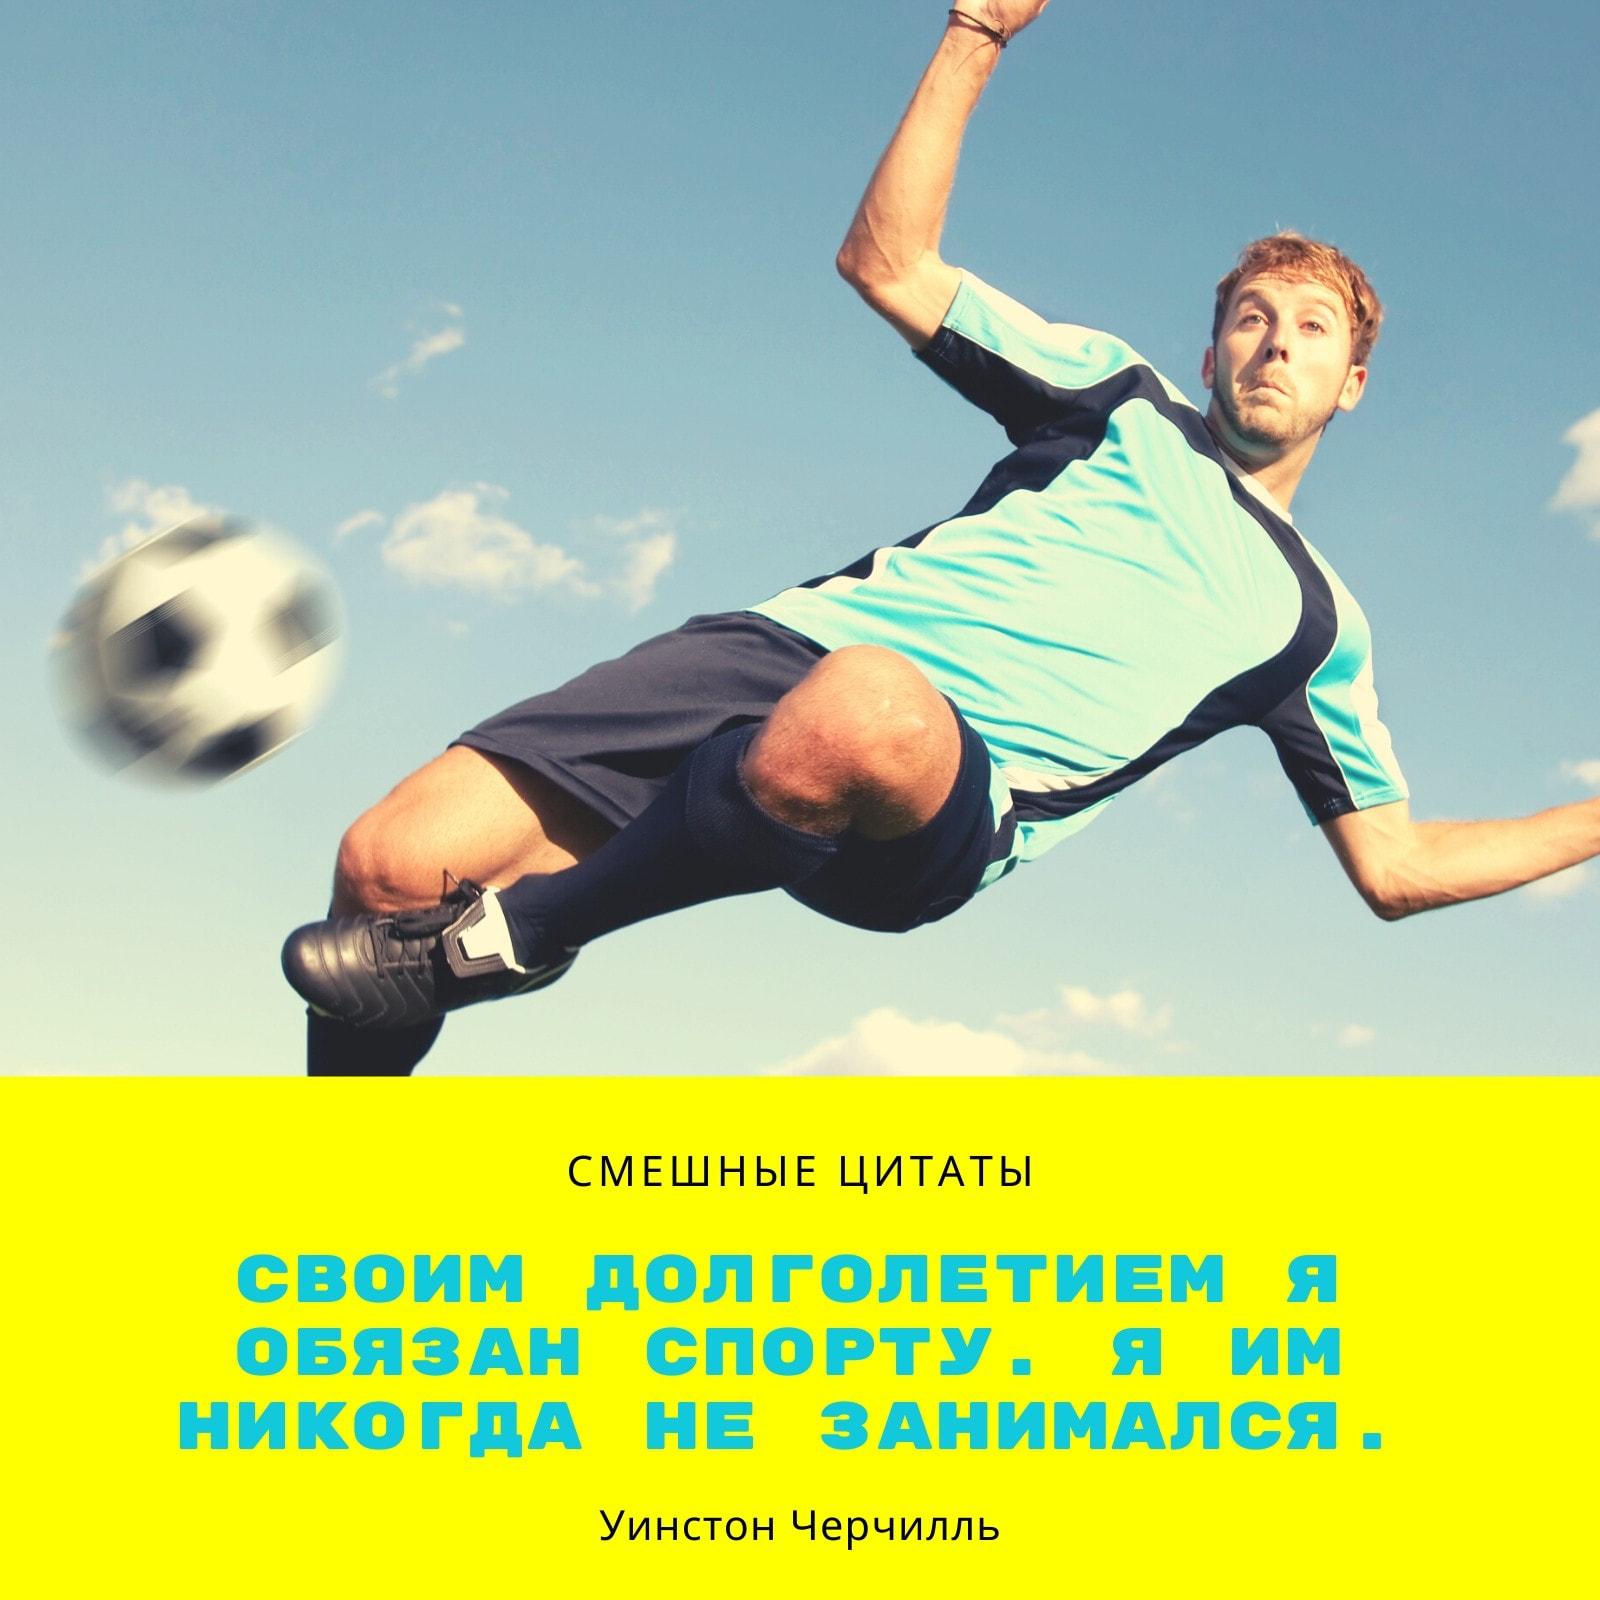 Публикация в Instagram со смешной цитатой на желтом фоне с фотографией футболиста